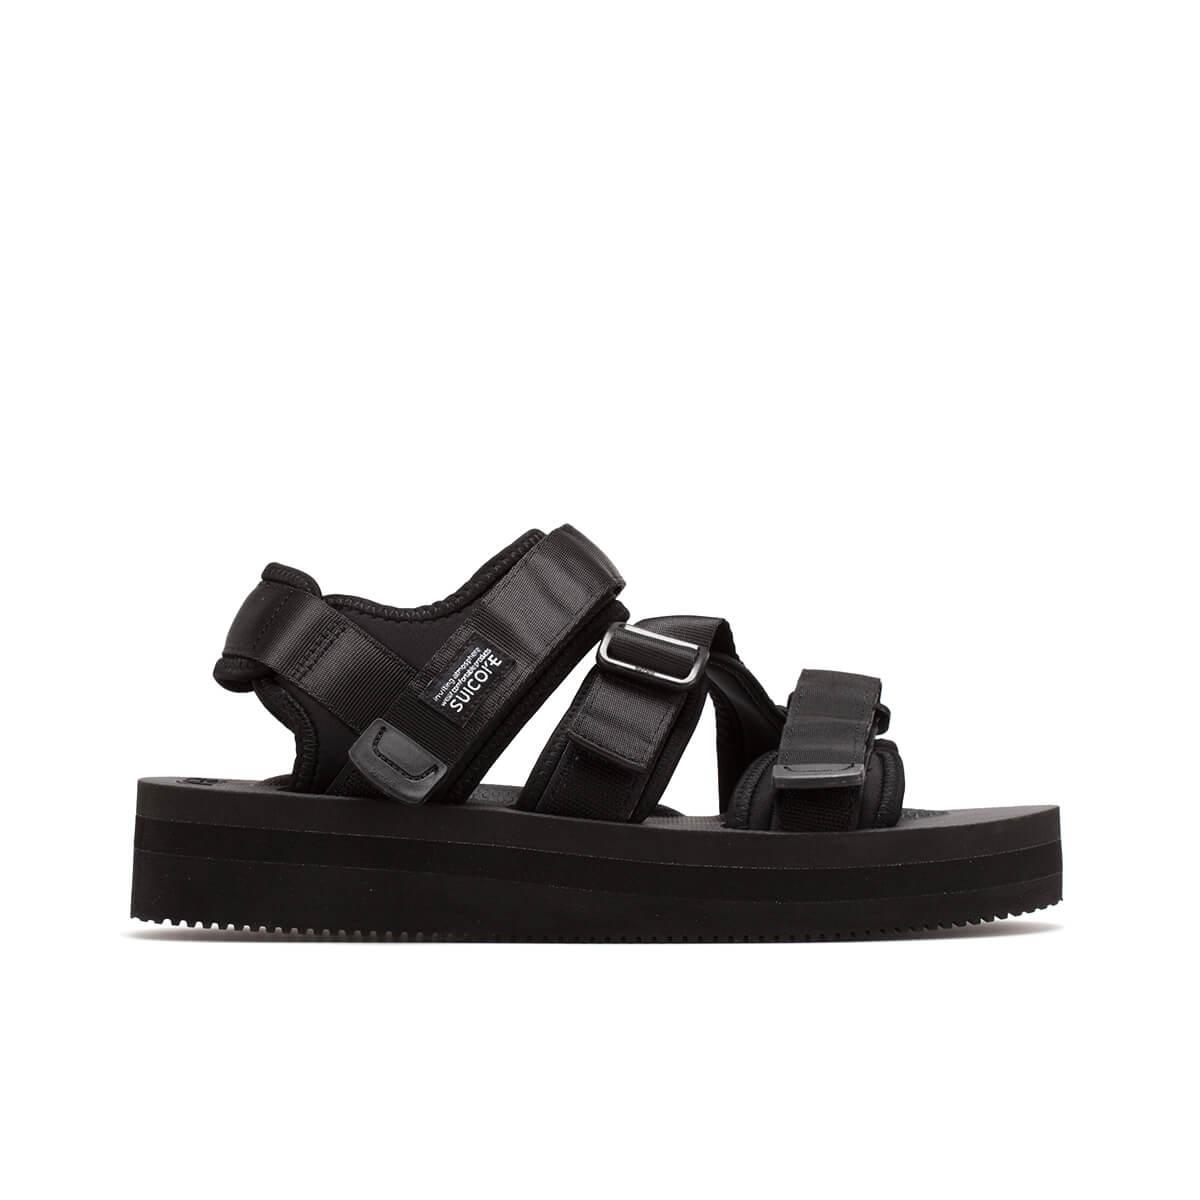 SUICOKE Kisee-VPO sandals - OG-044VPO._001